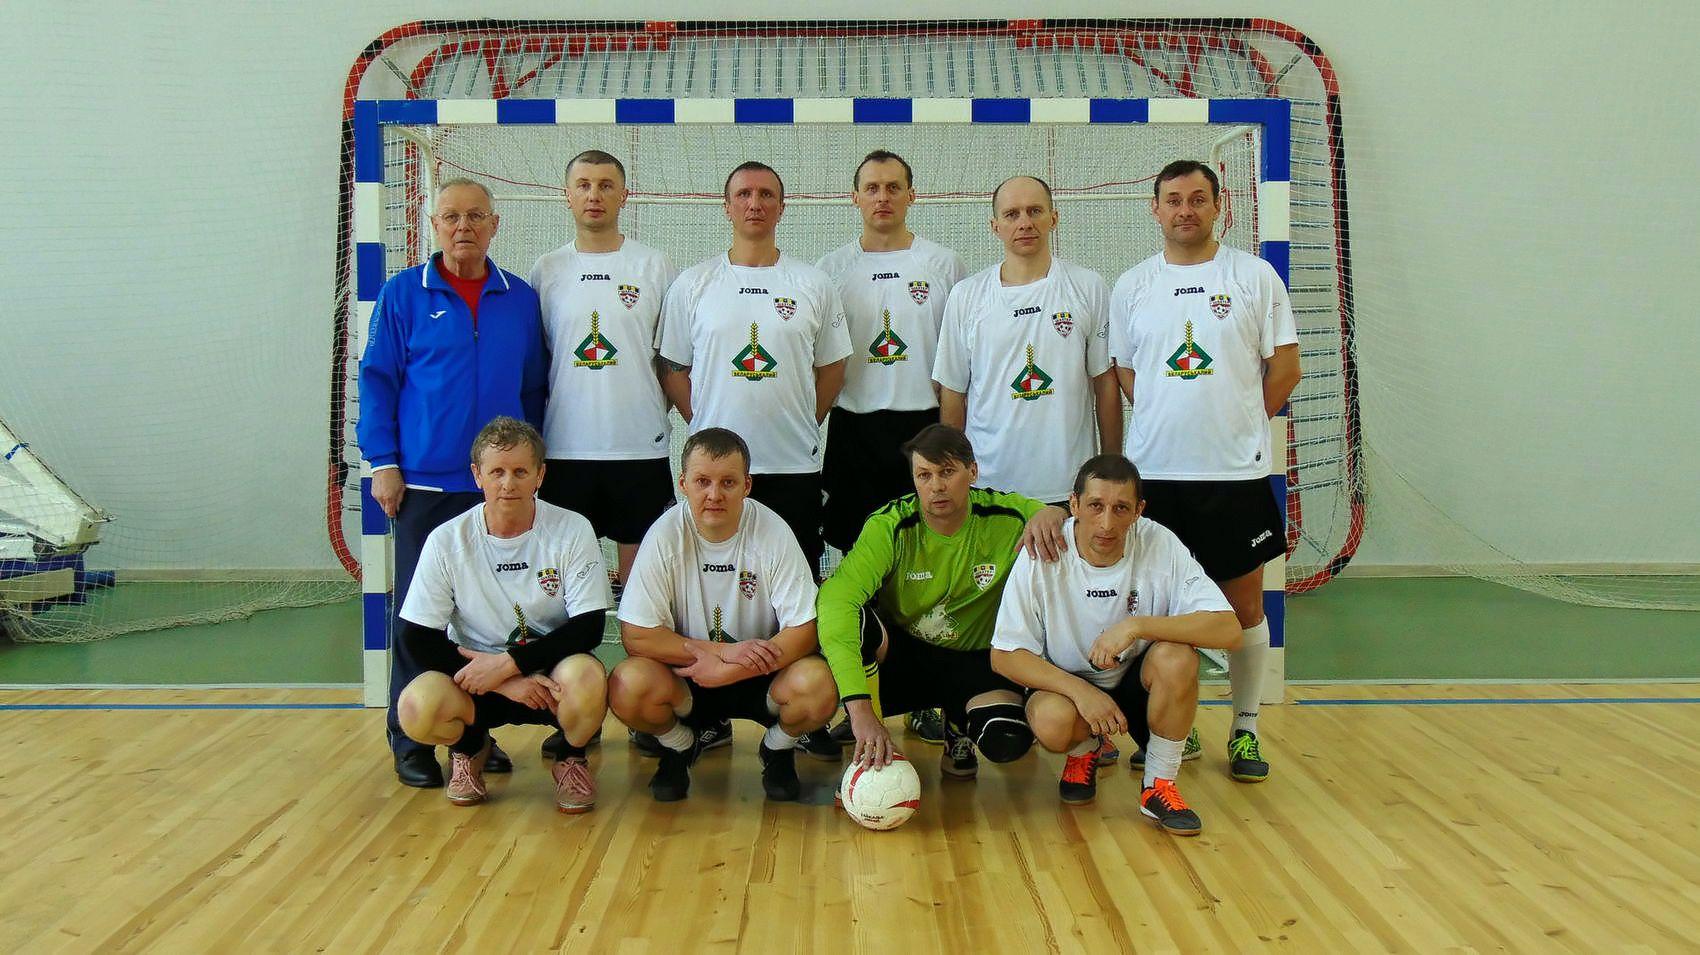 Команда из города Солигорск